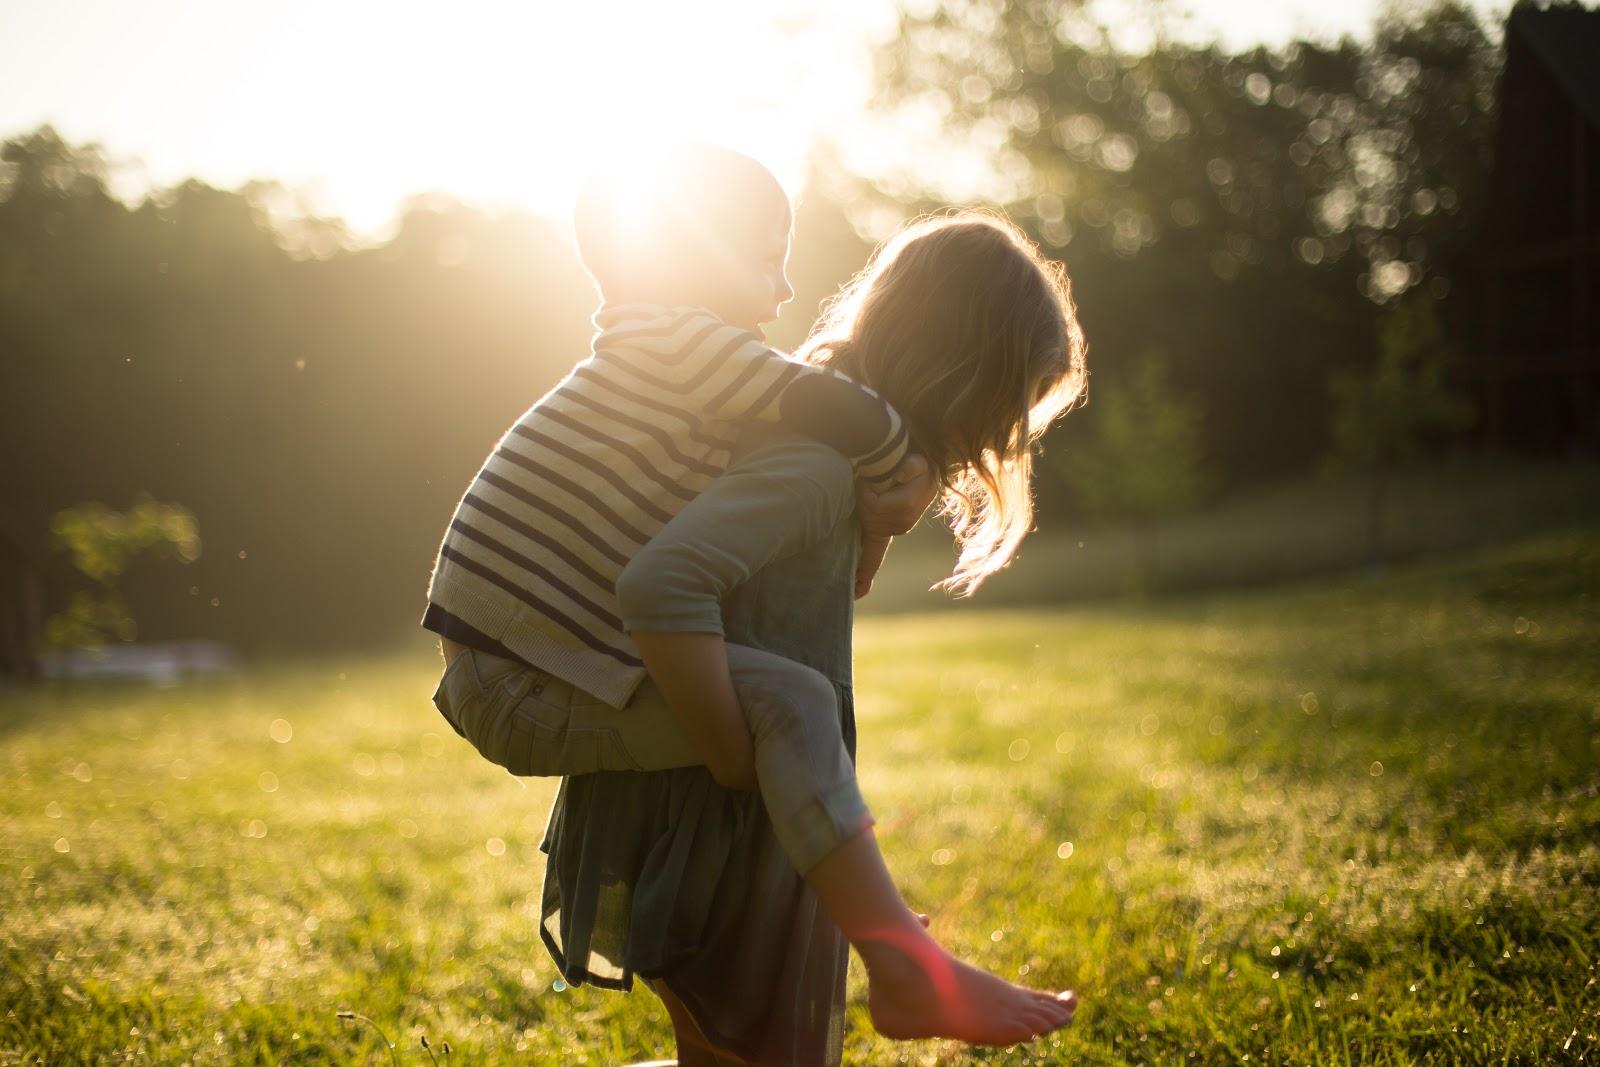 Uma menina segurando uma criança na garupa com a luz do sol forte em ambos.